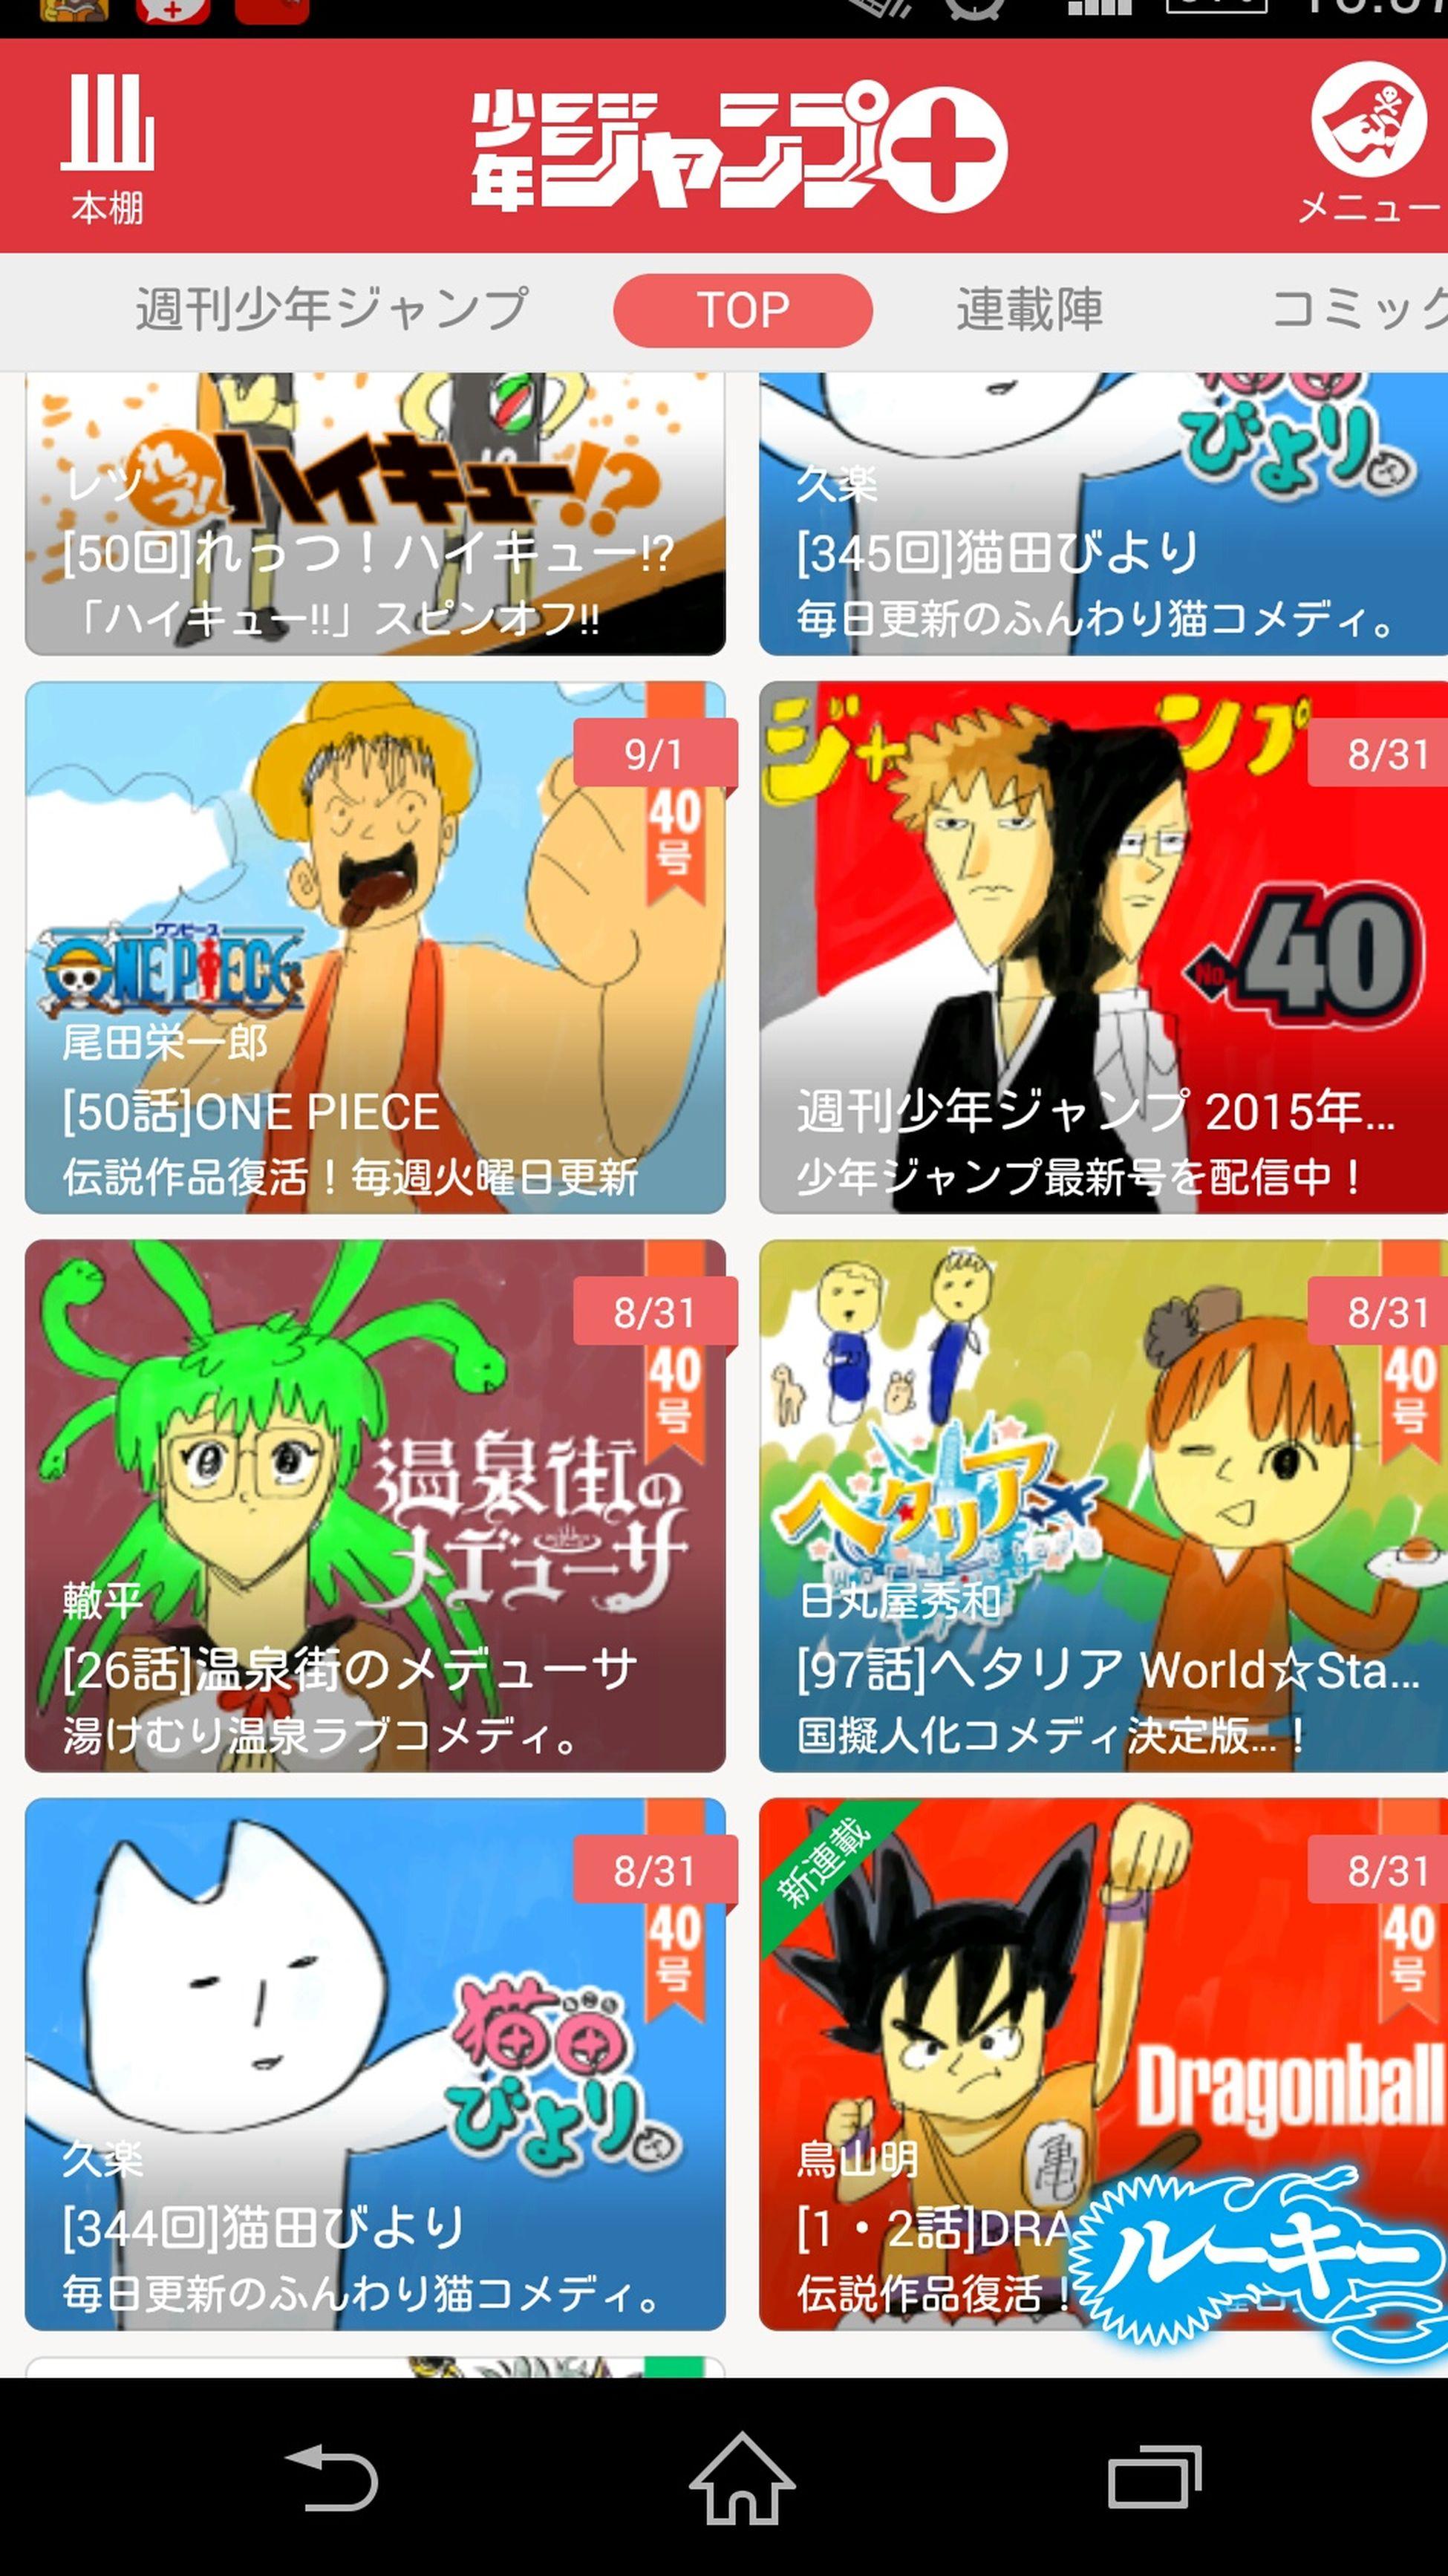 うすた画ワンピース!ブリーチ!ドラゴンボール!ヤバイ! うすた京介 Comic Manga Excited Love It Dragonball